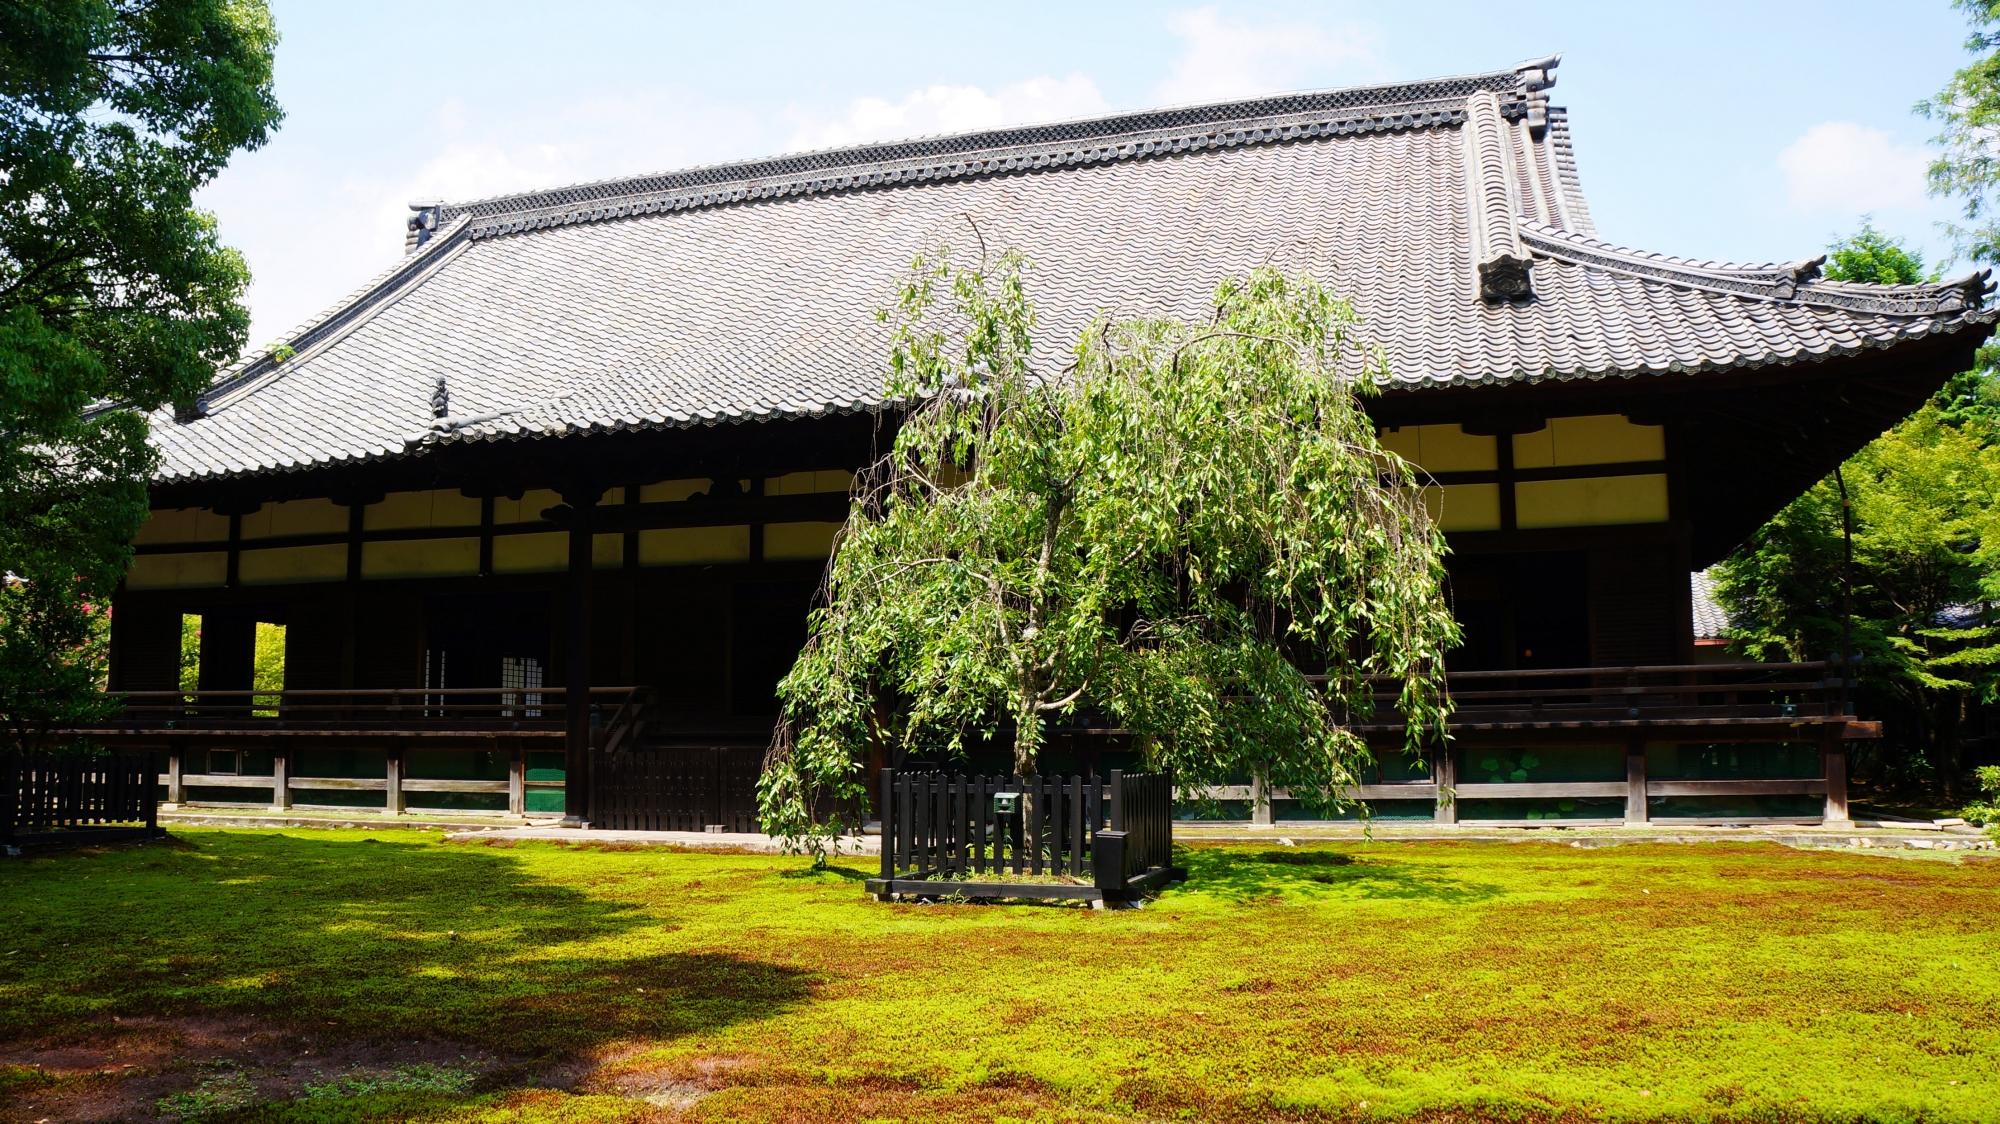 青蓮院の雄大な造りの宸殿